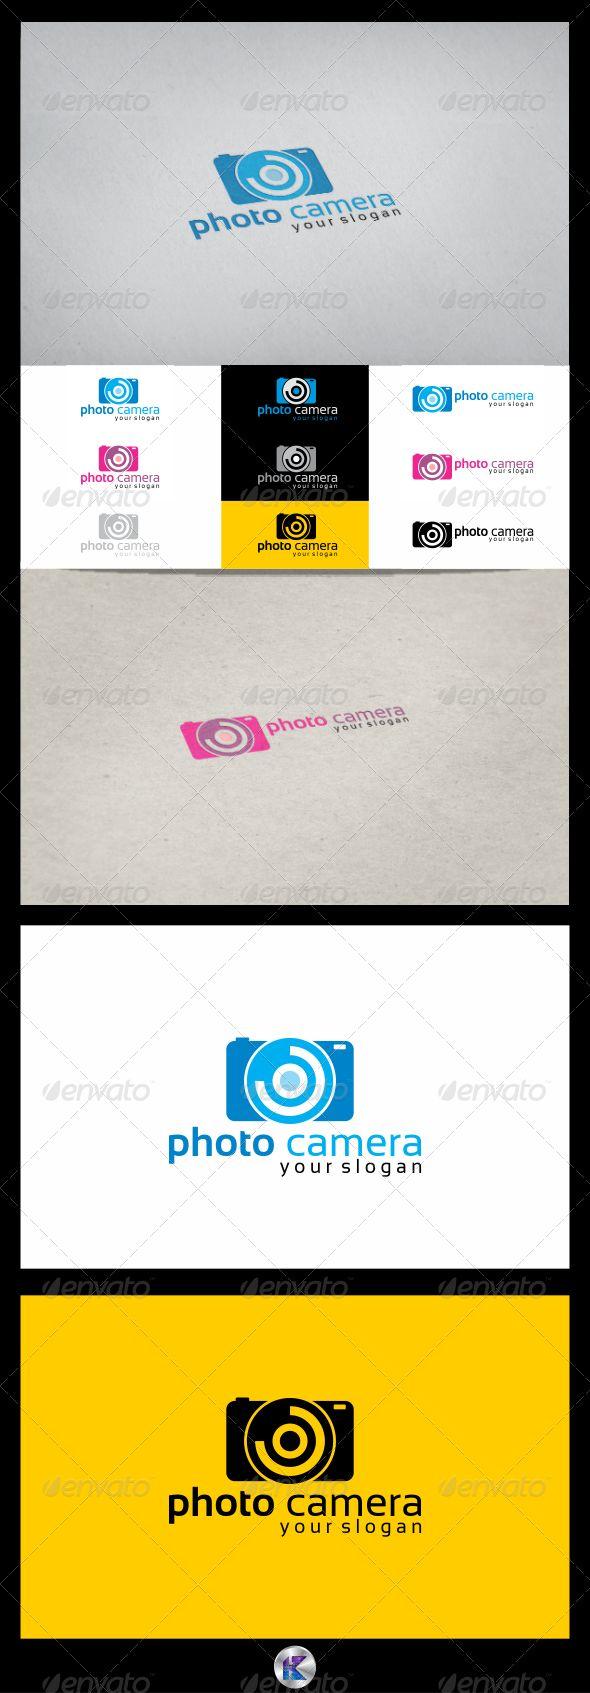 Camera Company Logo Photo camera logo template